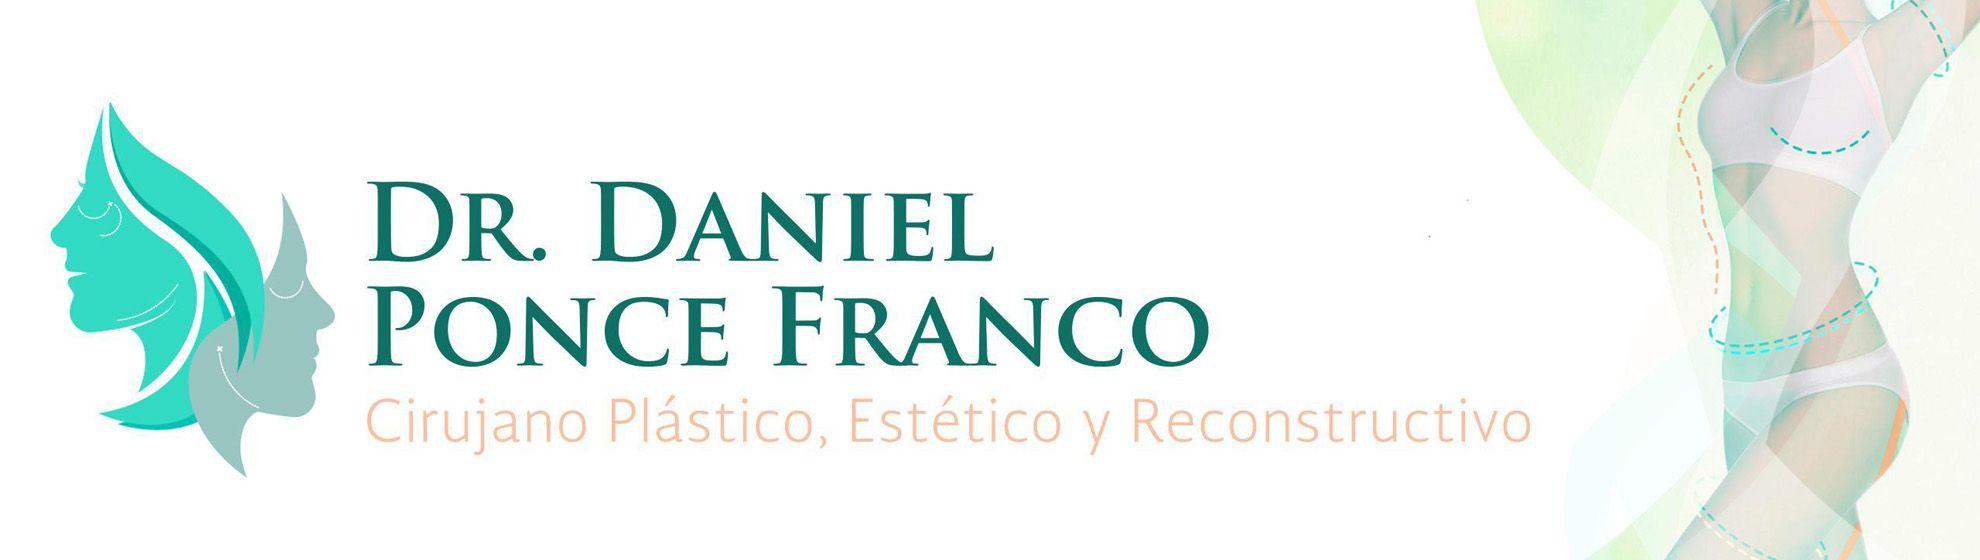 Dr. Daniel Ponce Franco